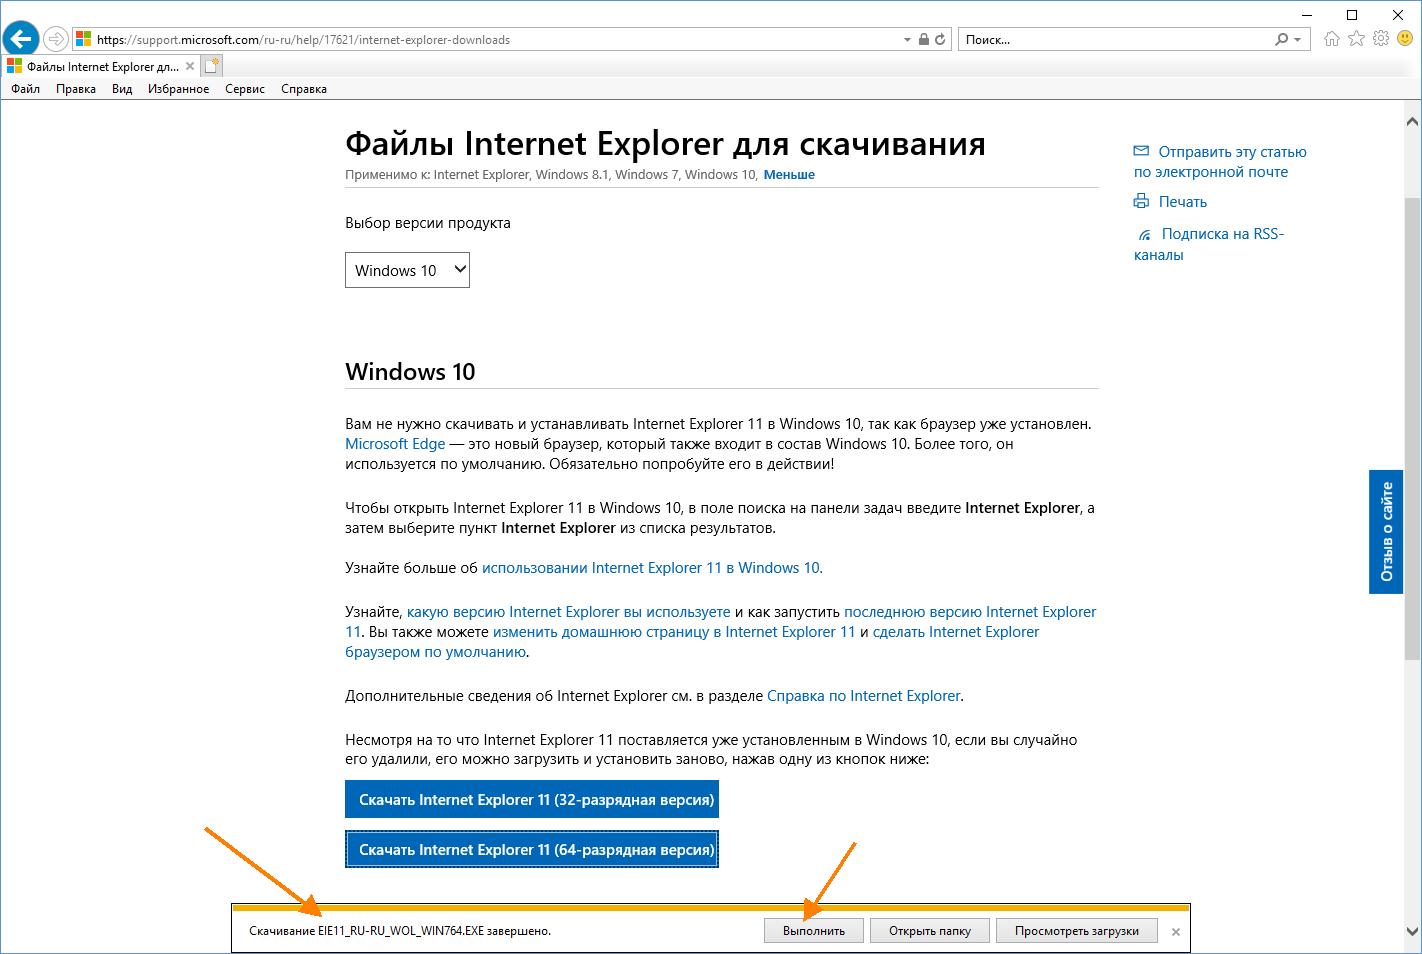 Сообщение о завершении скачивания Internet Explorer с сайта Microsoft